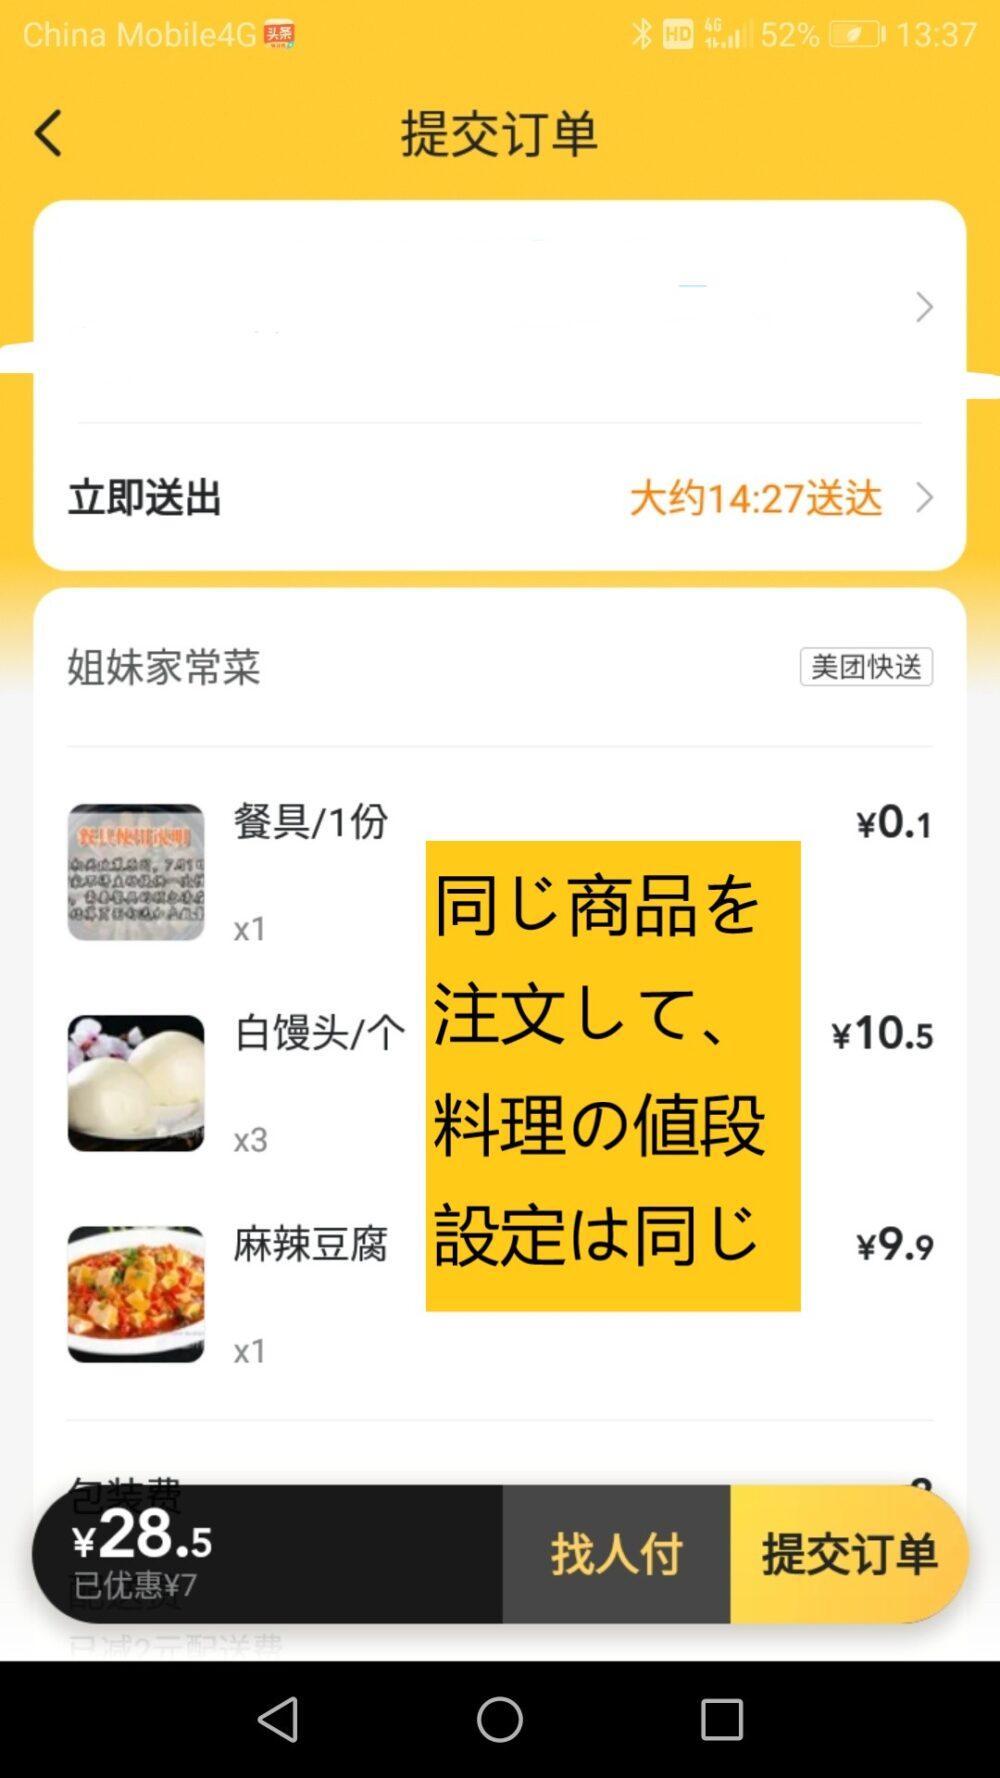 フードデリバリーアプリ美团を利用して姐妹家常菜で注文しているトップ画面の注文の確認をしているスクリーンショットした画像